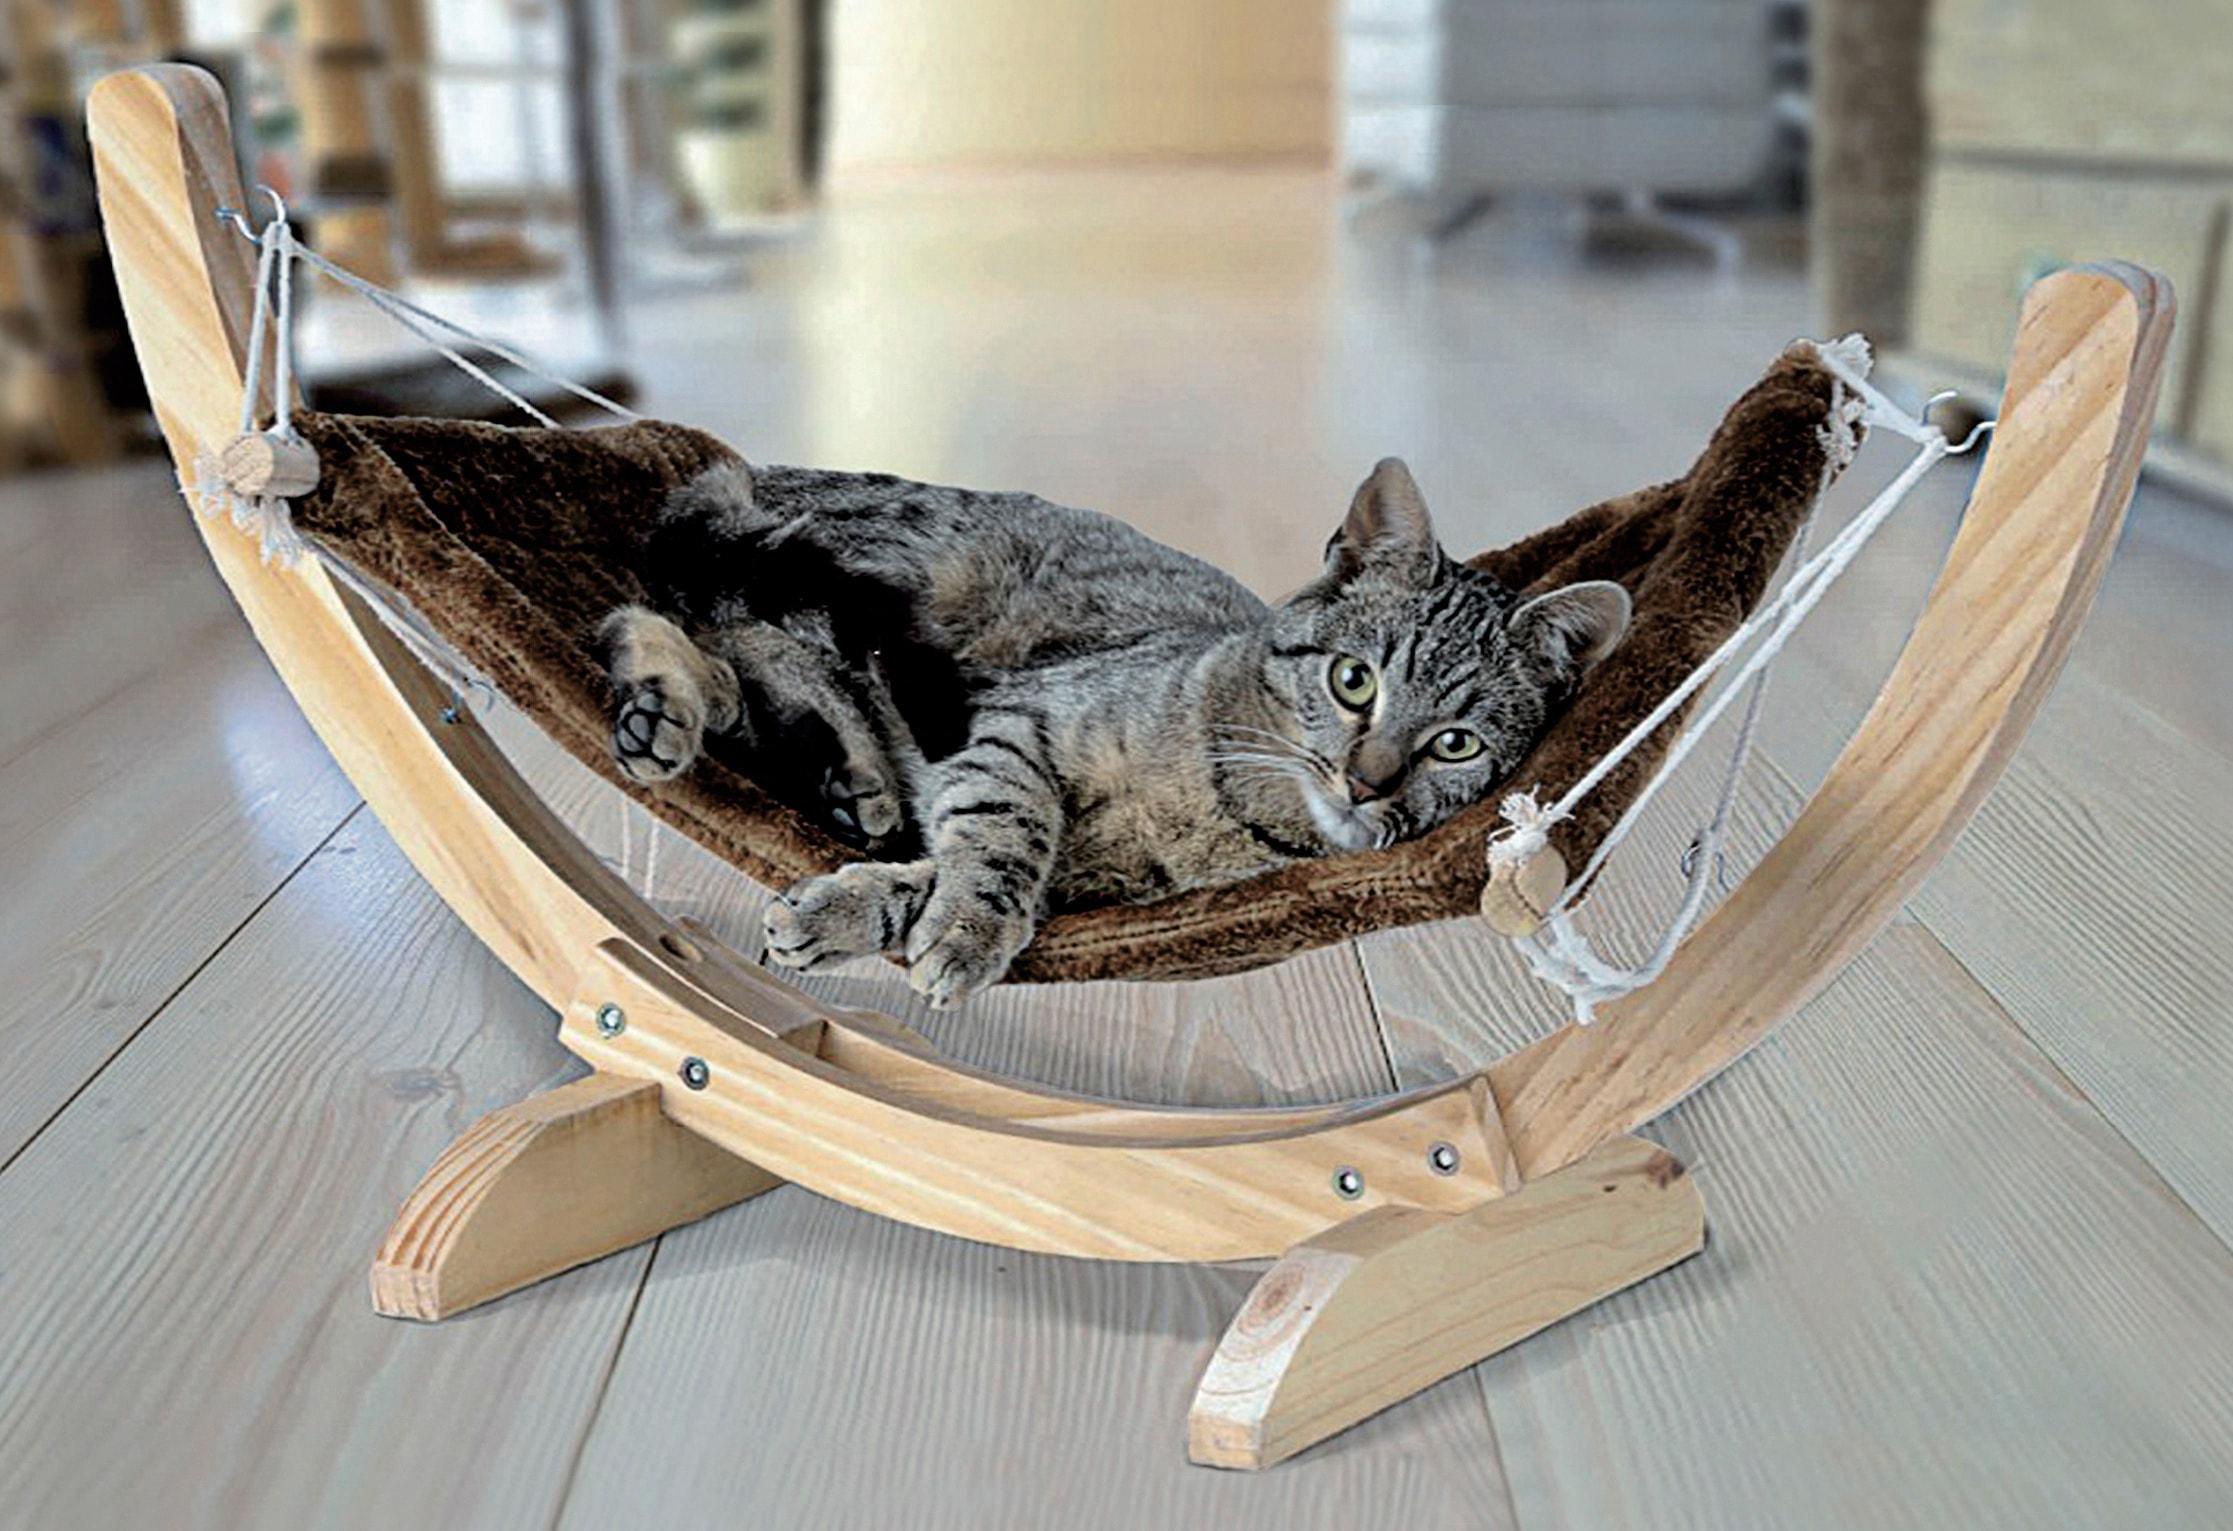 Katzen-Hängematte »Cat Relax«   Garten > Tiermöbel > Katzenkörbe   Braun   SILVIO DESIGN